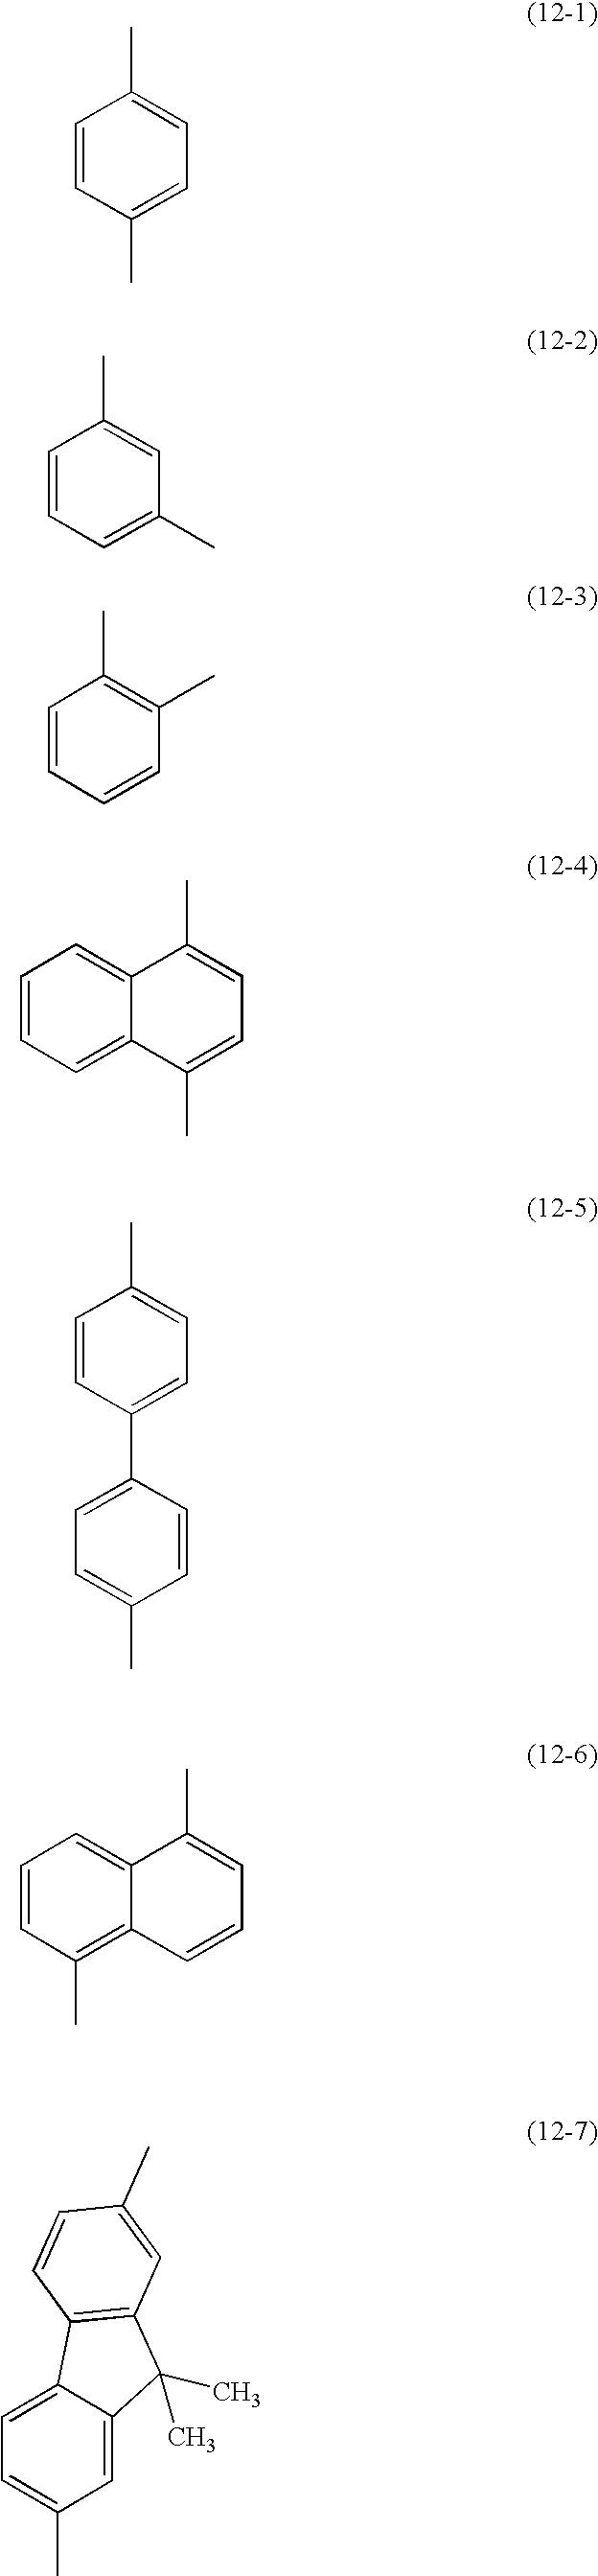 Figure US08178216-20120515-C00015